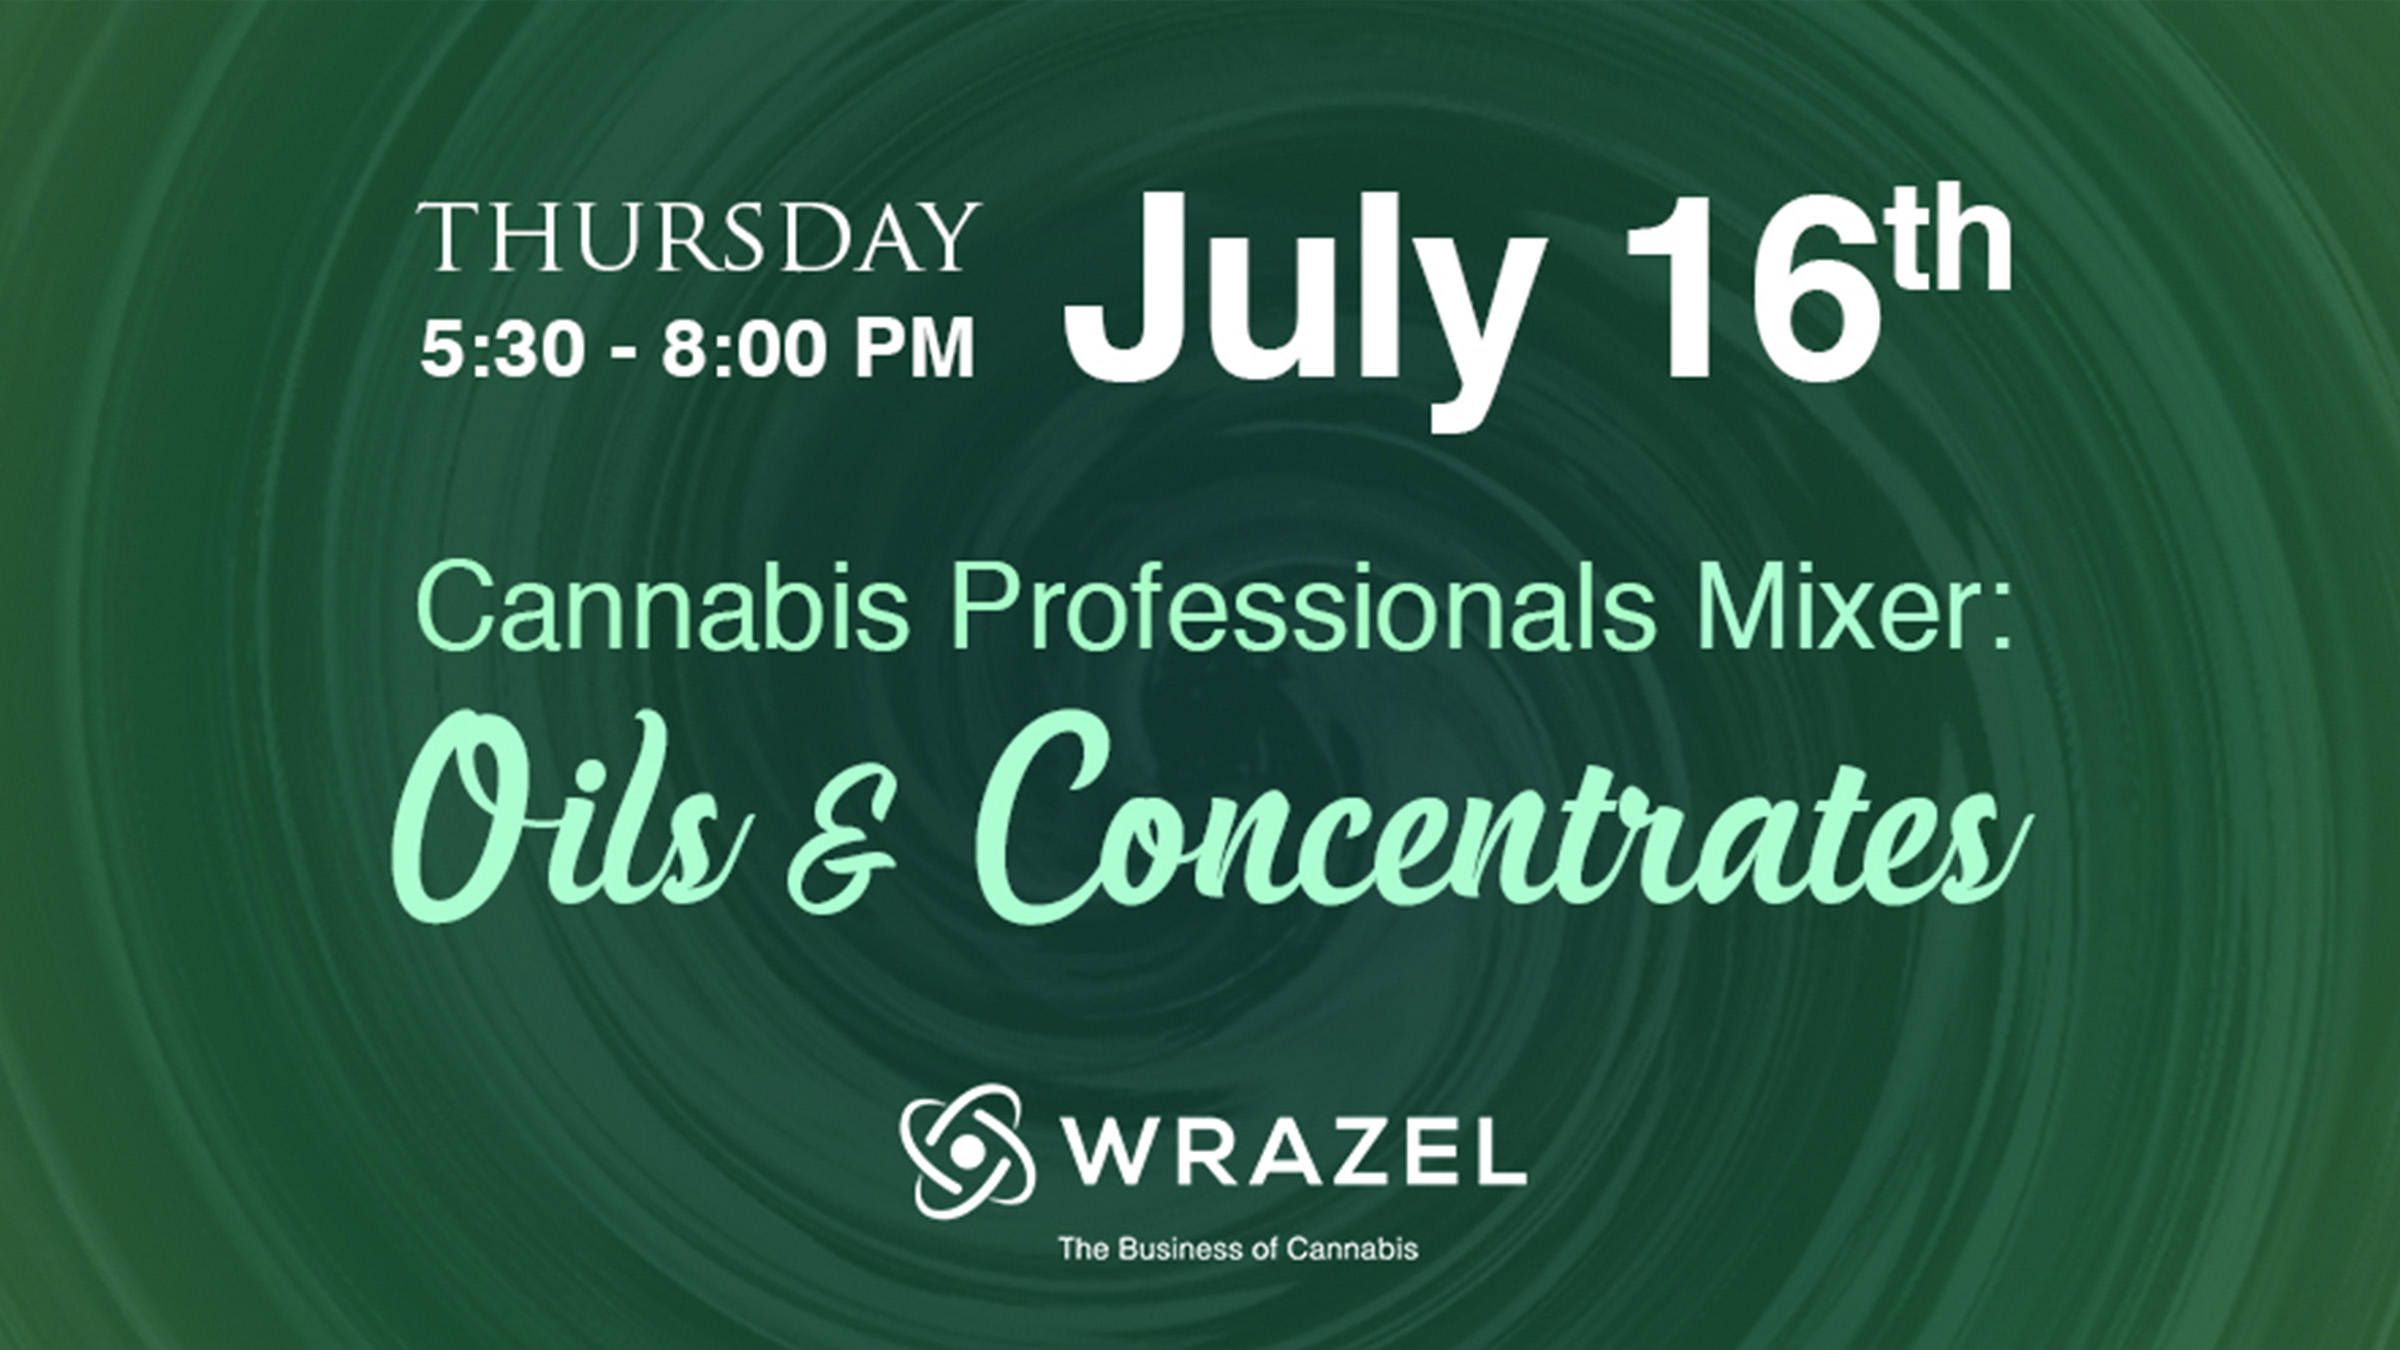 Wrazel Events: Cannabis Professionals Mixer - Oils & Concentrates